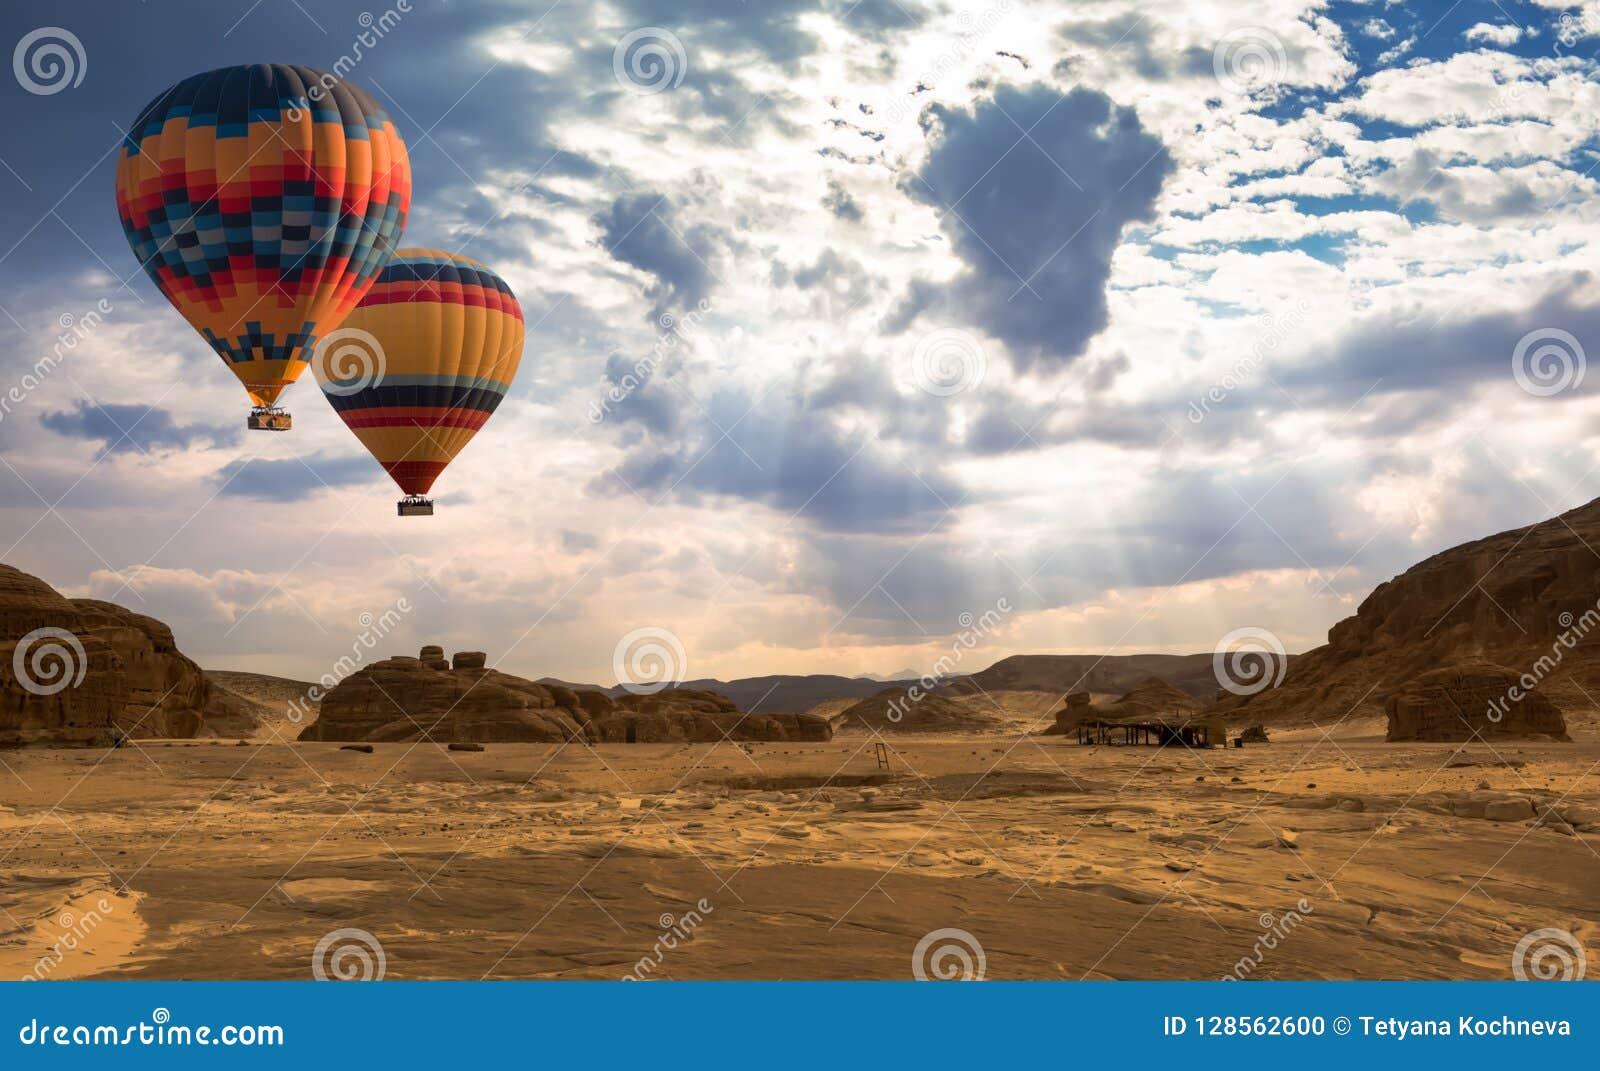 Горячее перемещение воздушного шара над пустыней